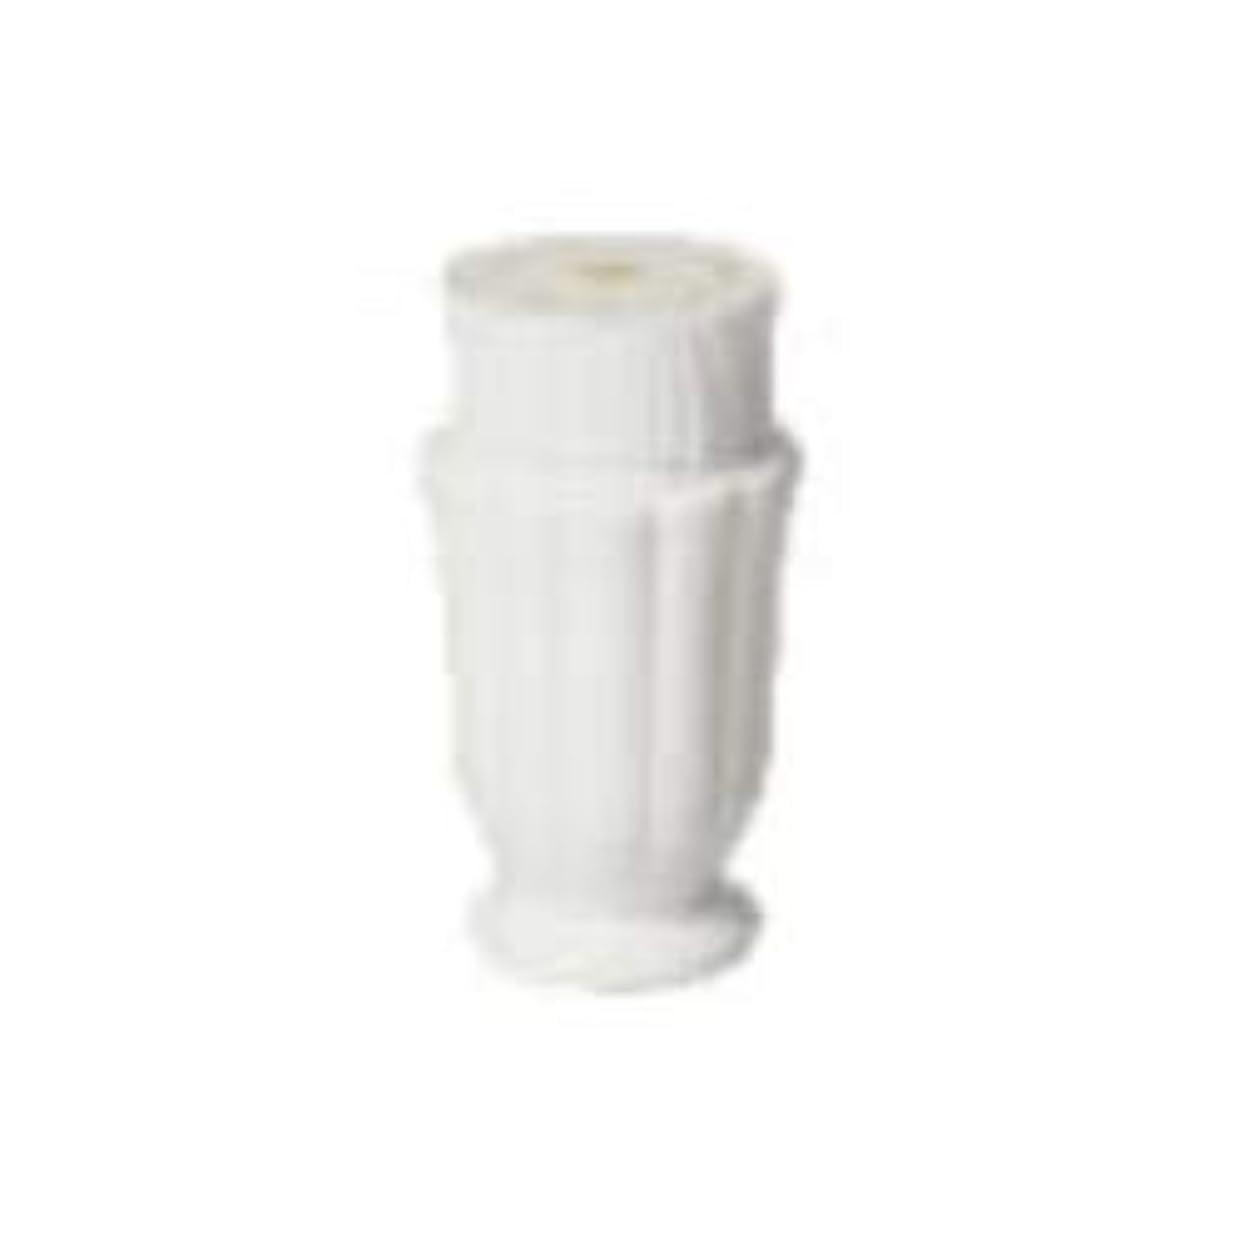 シンジケートフィードオンメキシコハリウッド アクシアストロベリークリーム(60g)